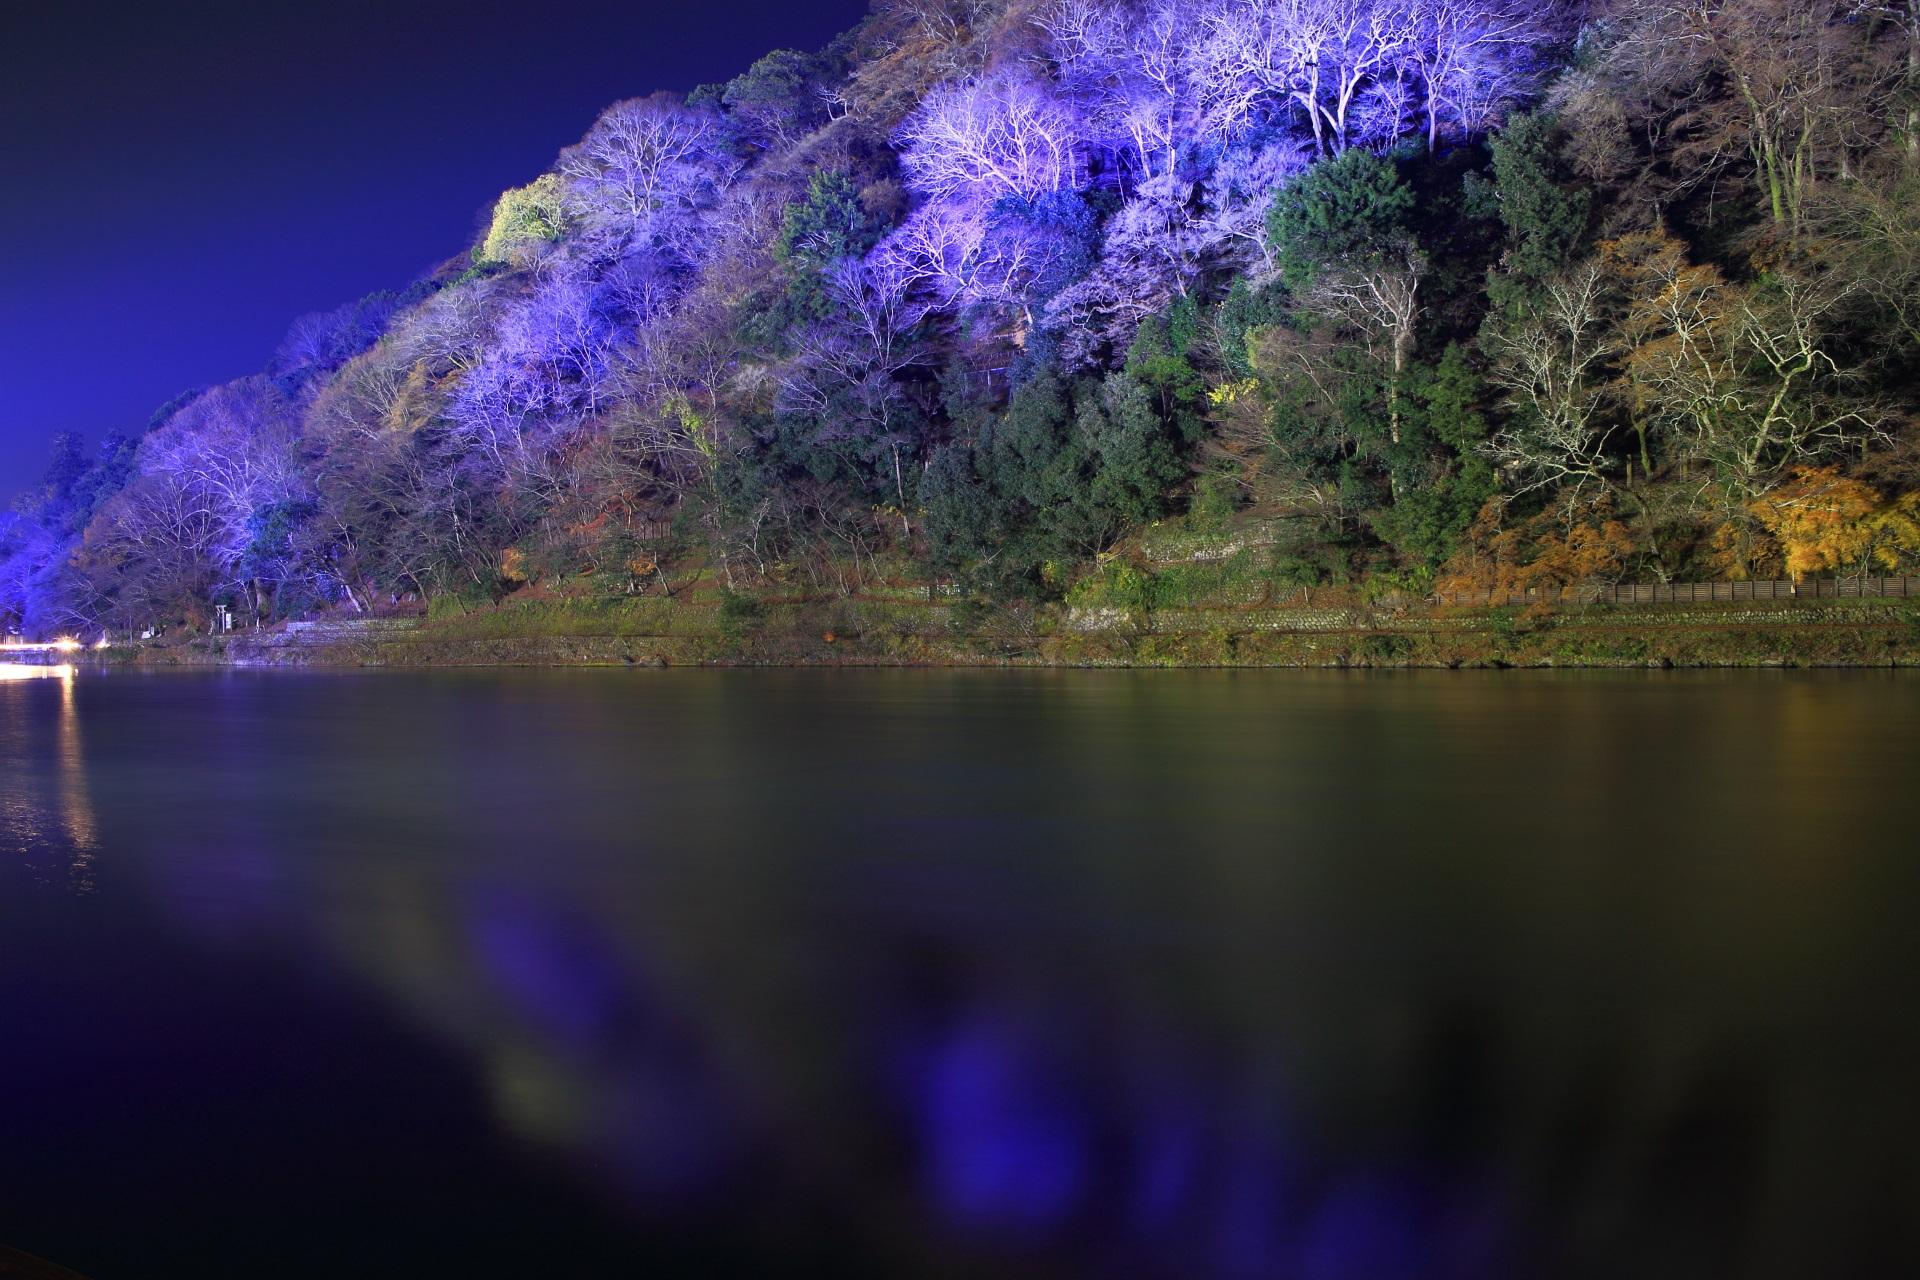 嵐山花灯路 保津川 嵐山 ライトアップ 綺麗